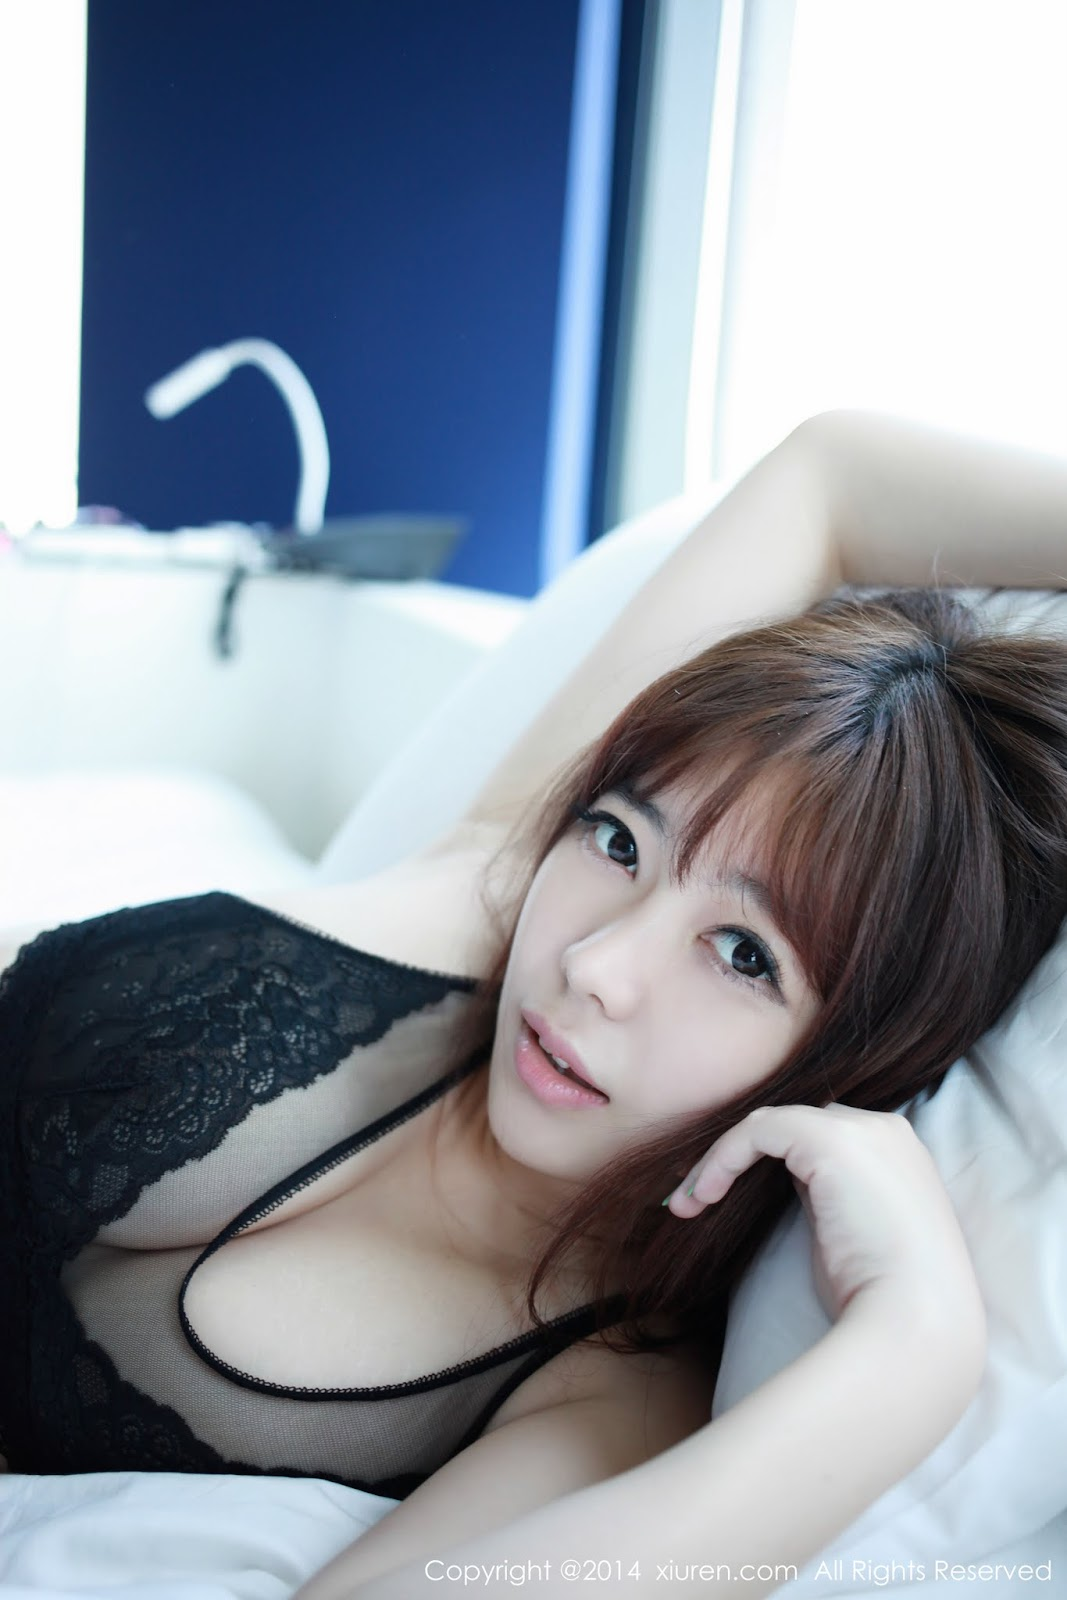 0037 - Naked Girl XIUREN NO.262 FAYE